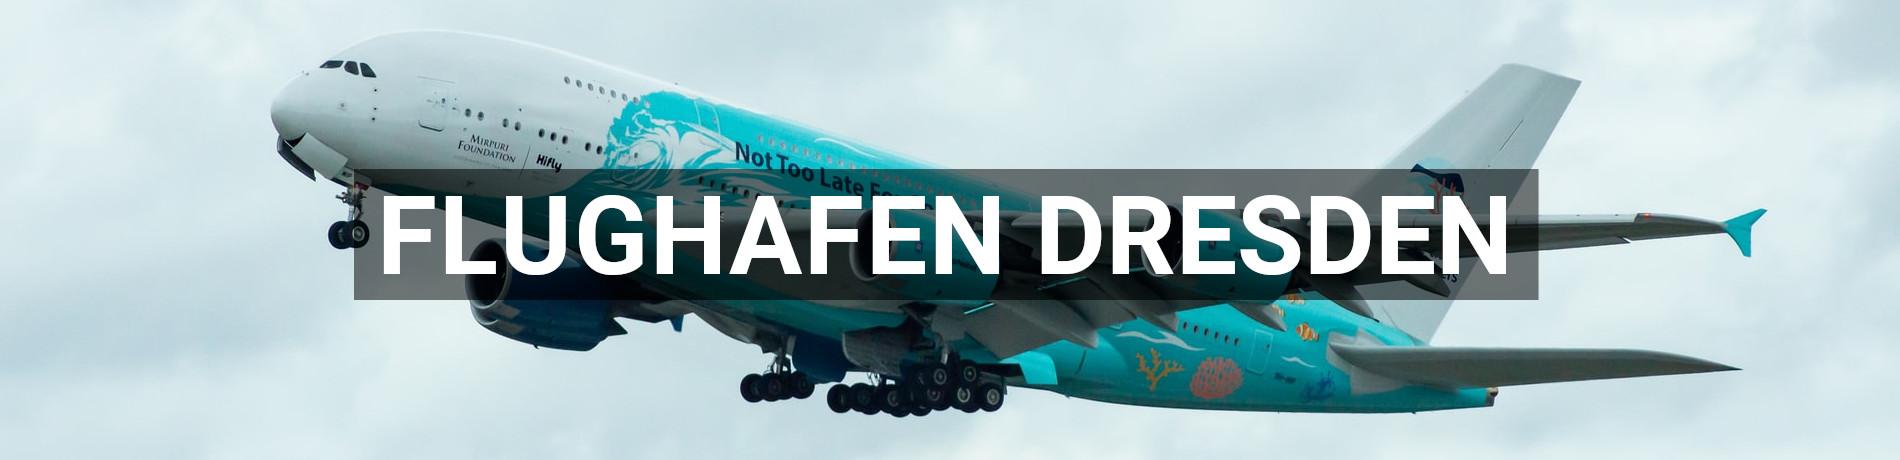 Flughafen-Dresden-header